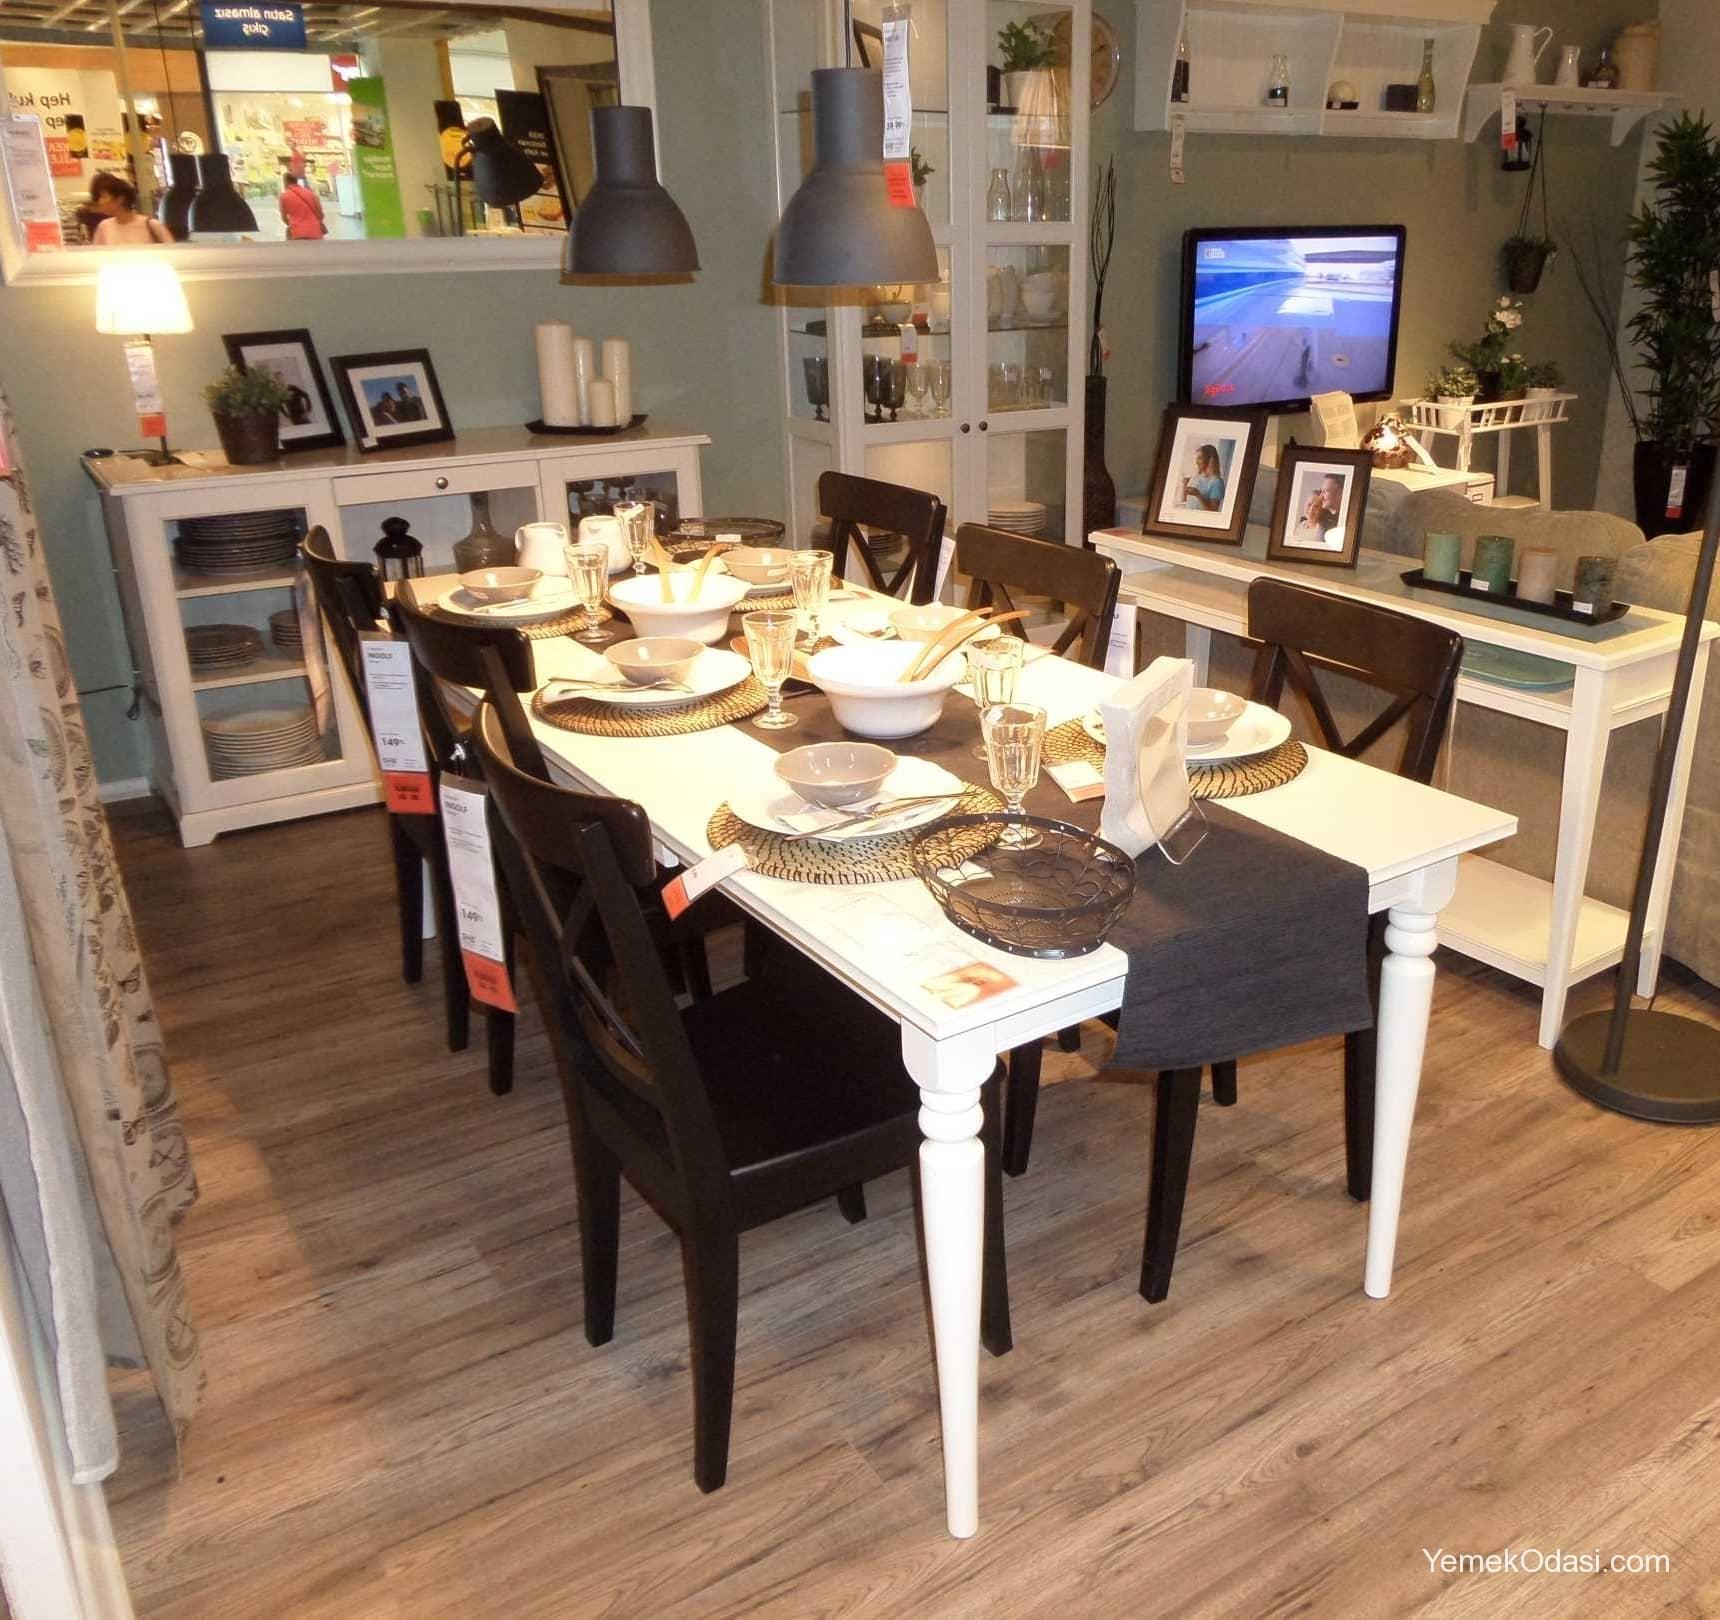 IKEA Yemek Odası Modelleri   Yemek Odası